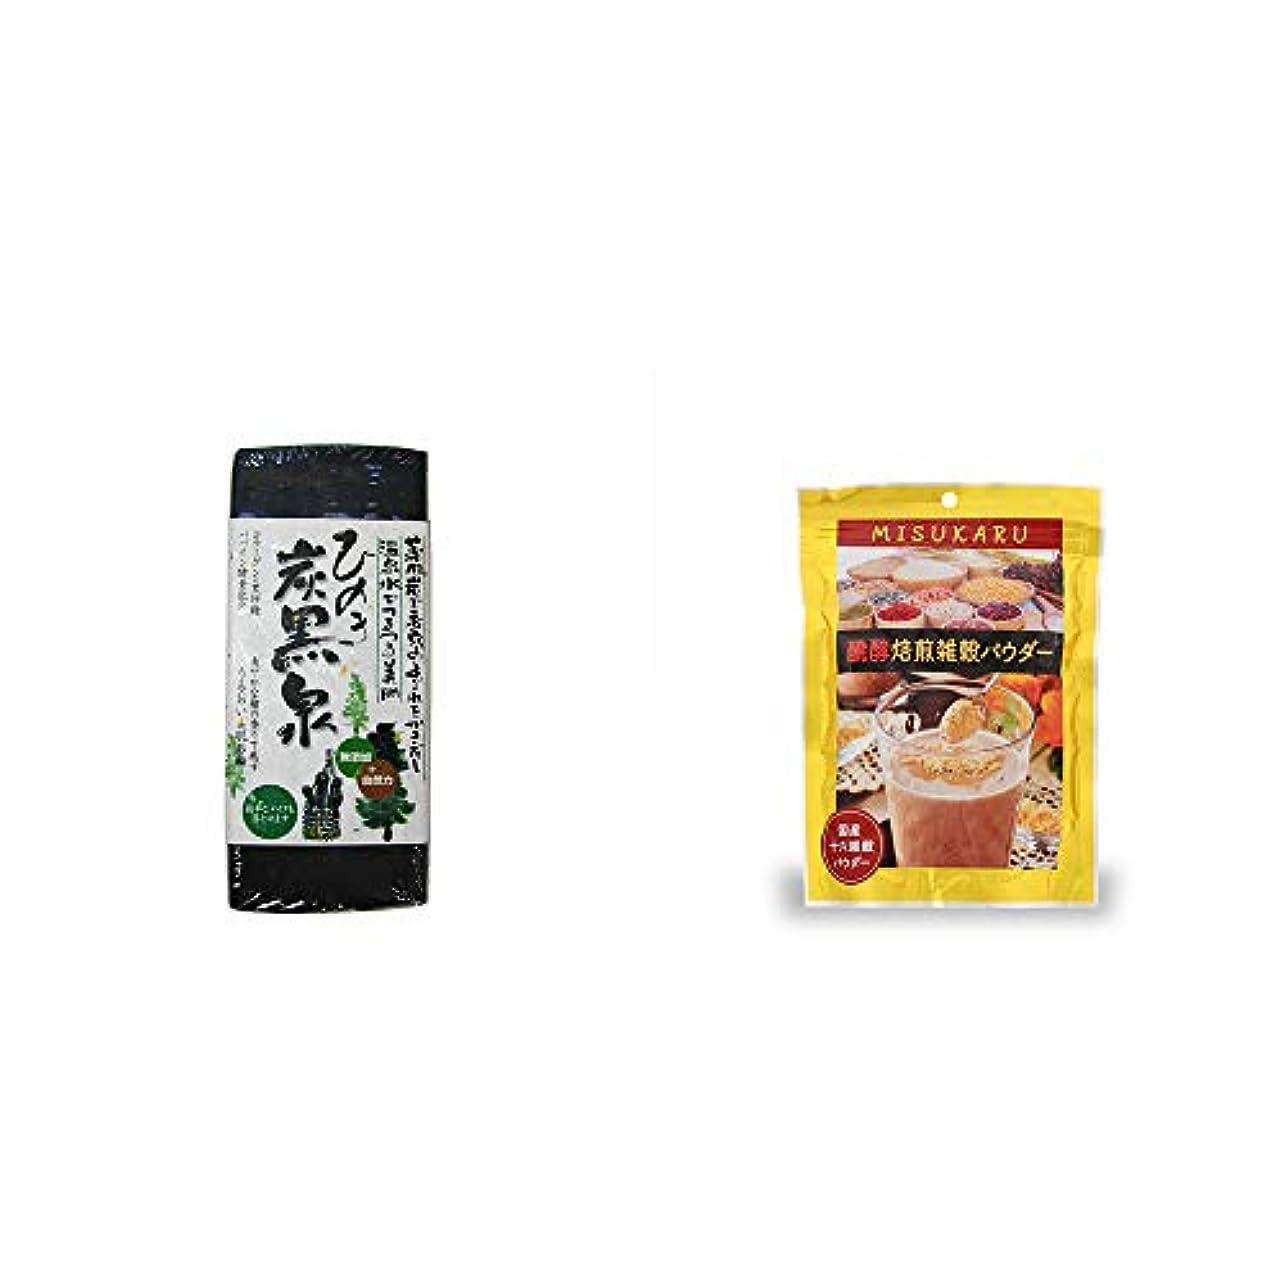 有名人ウガンダ医薬[2点セット] ひのき炭黒泉(75g×2)?醗酵焙煎雑穀パウダー MISUKARU(ミスカル)(200g)